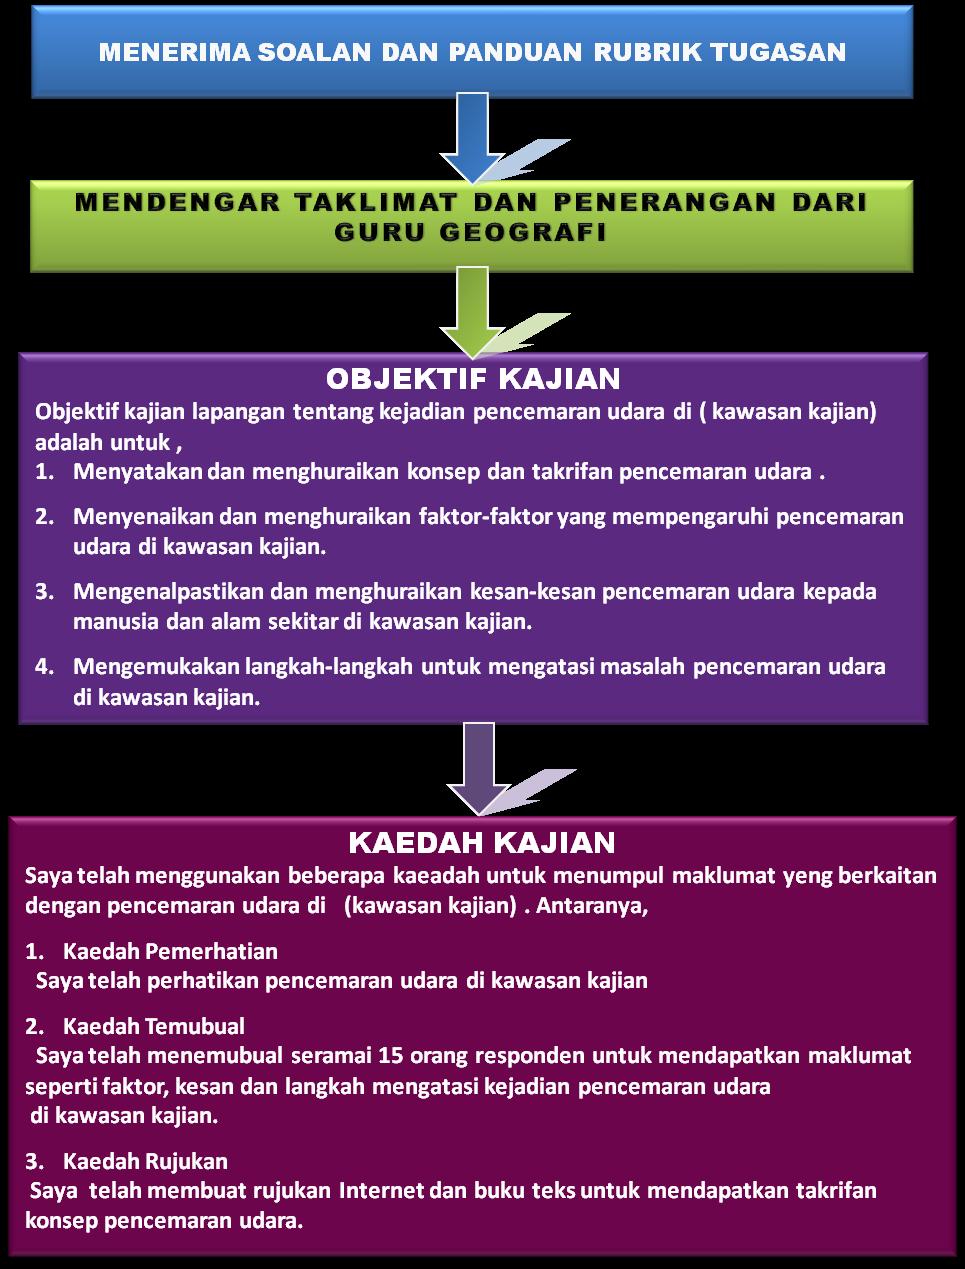 Contoh Jadwal Kerja Kegiatan Ekonomi - Contoh Yes